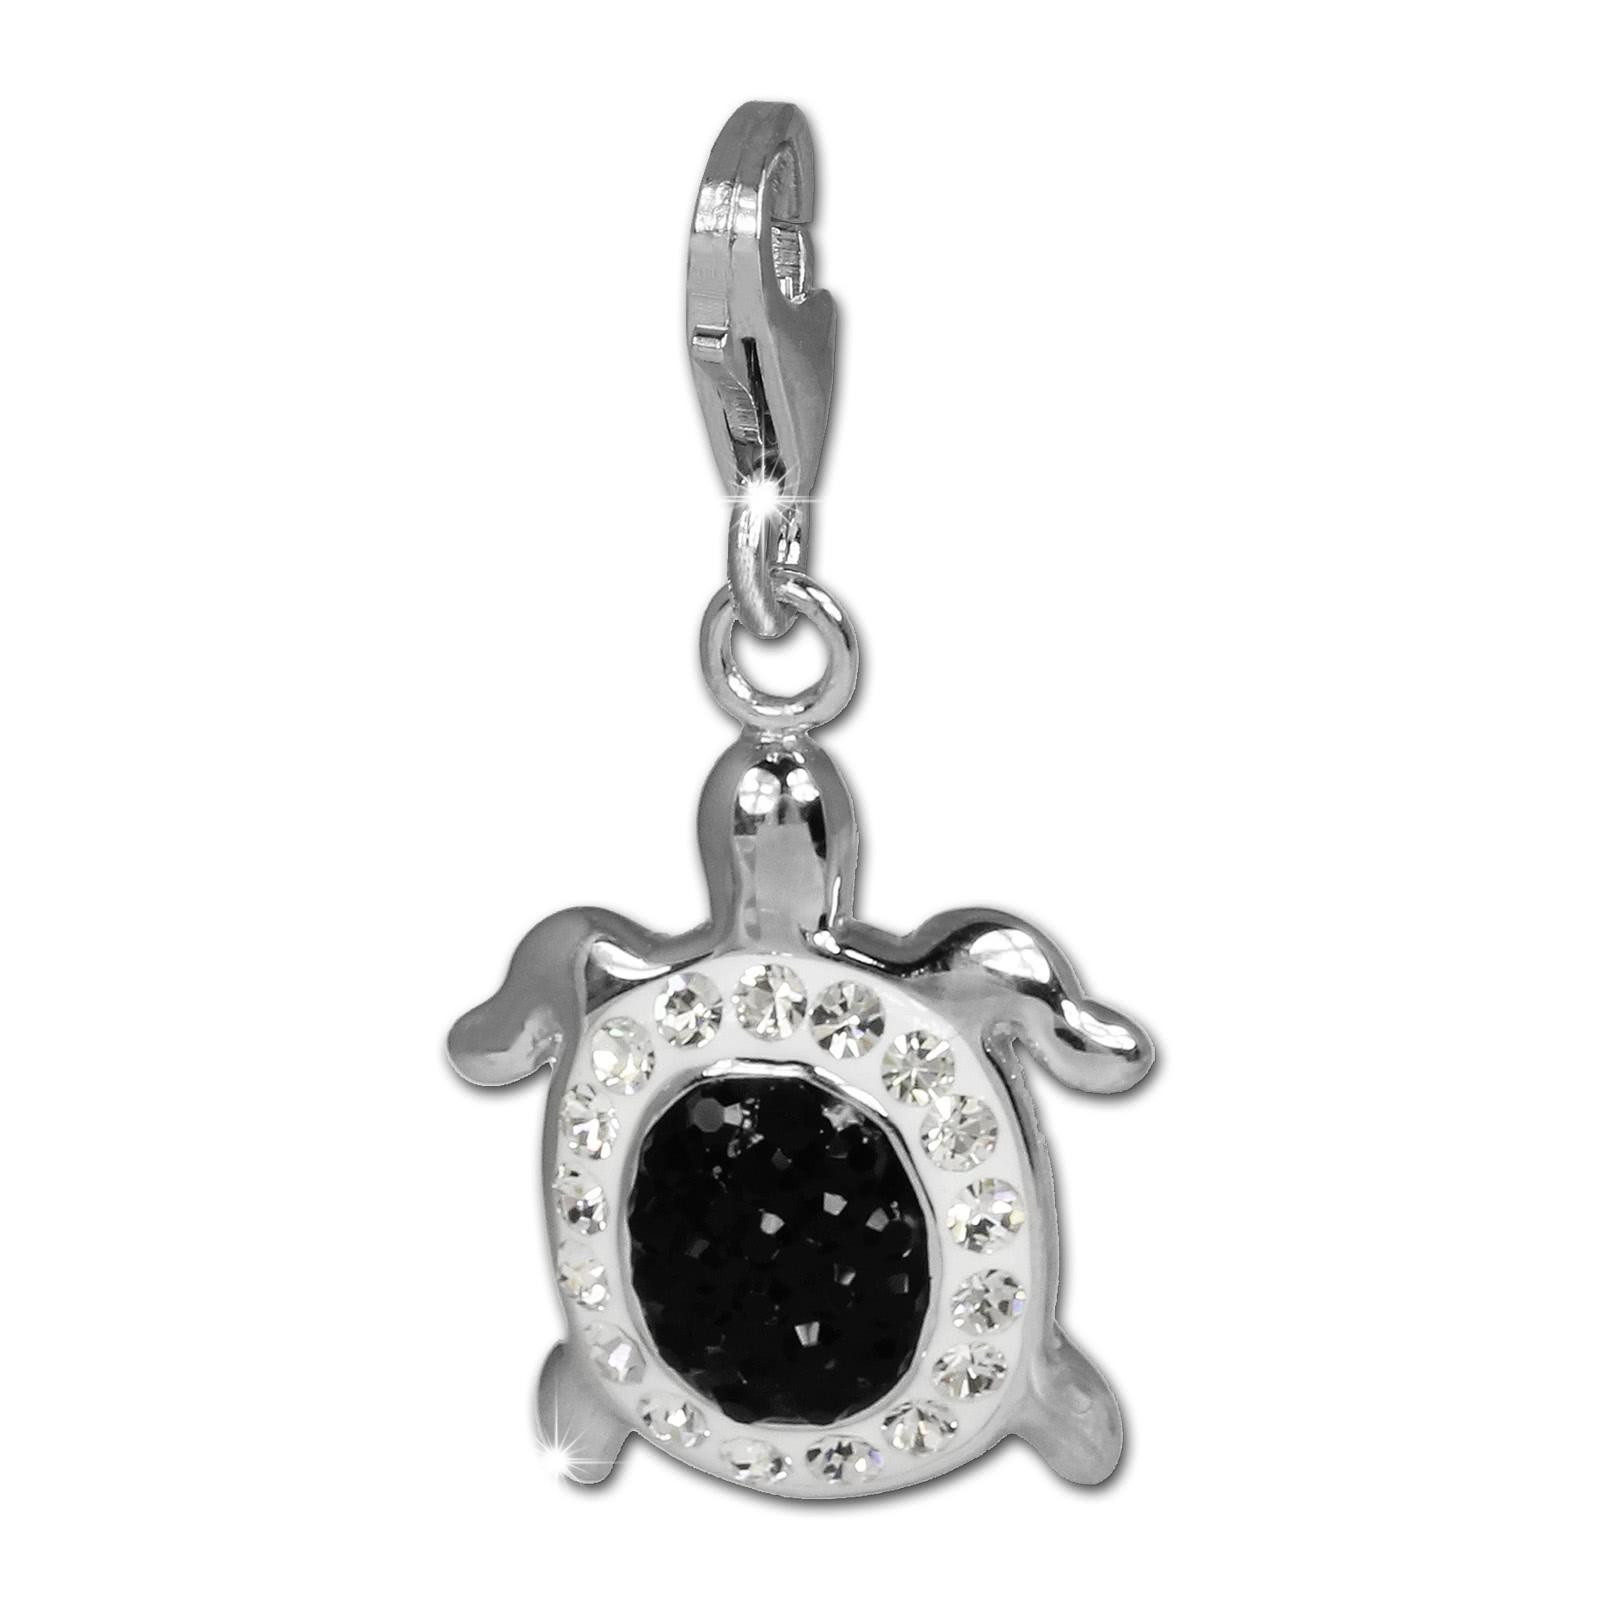 SilberDream Glitzer Charm Schildkröte schwarz Zirkonia Kristalle GSC536S